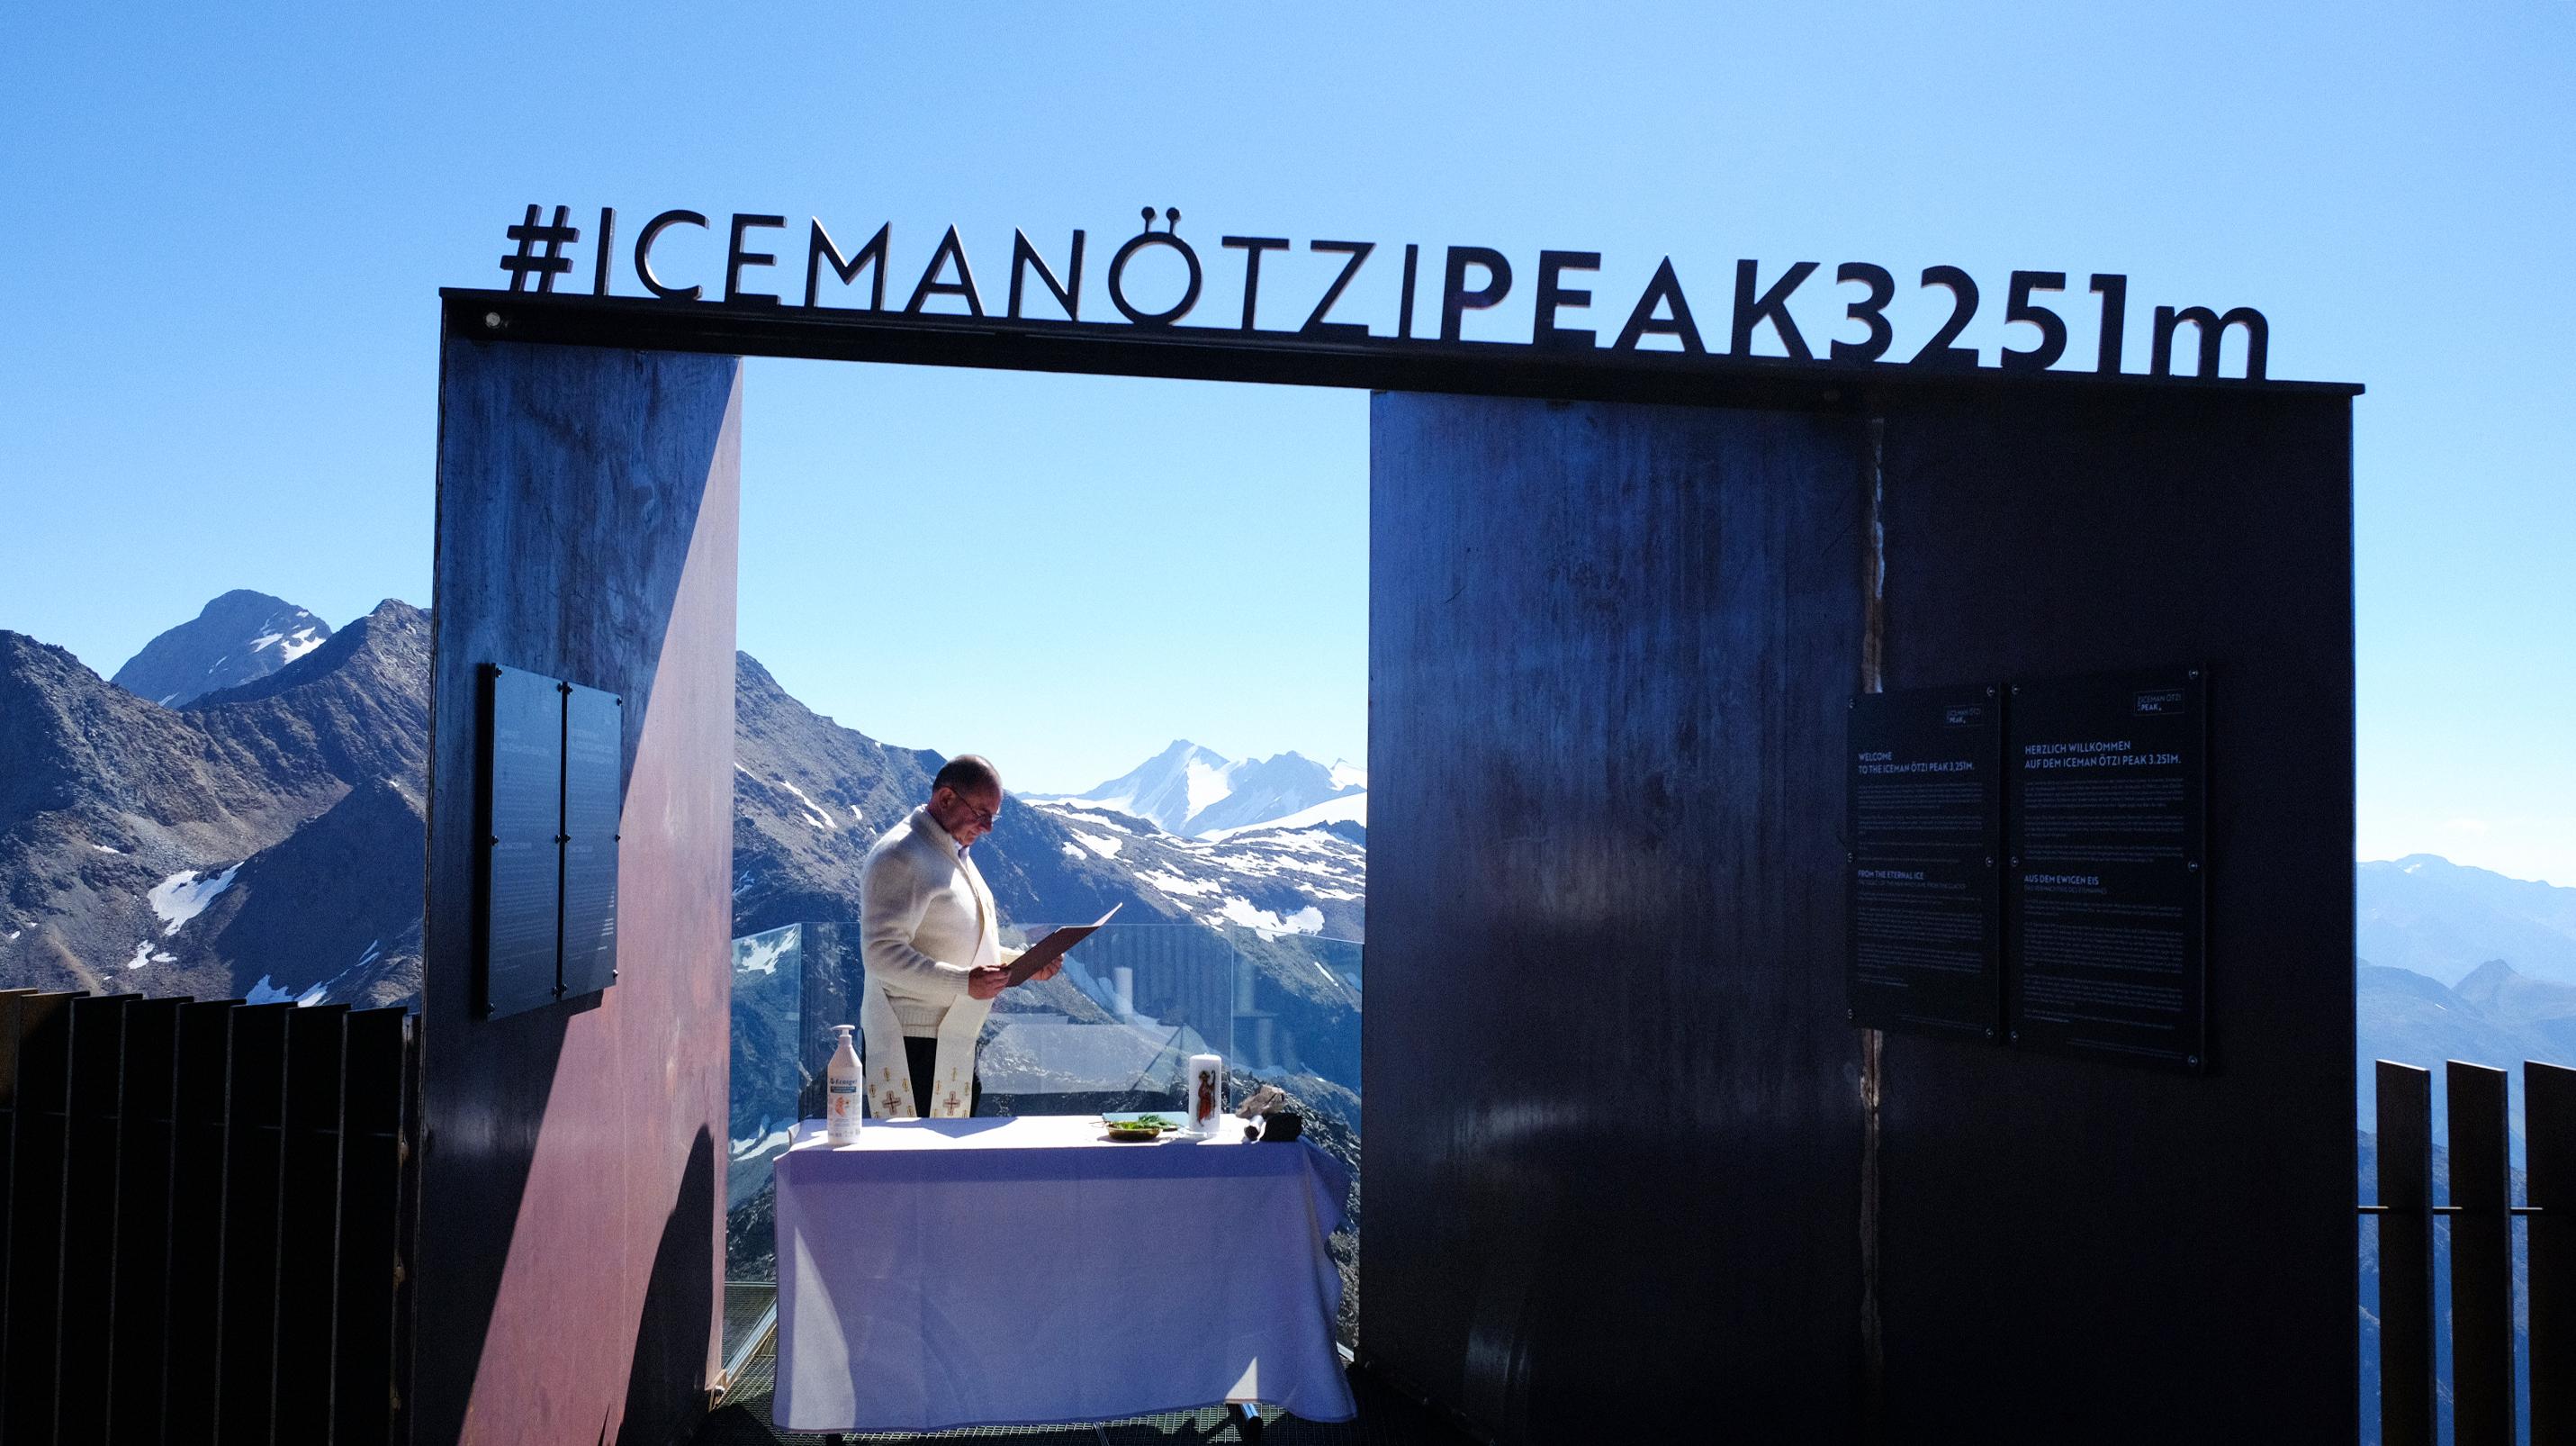 Iceman Ötzi Peak